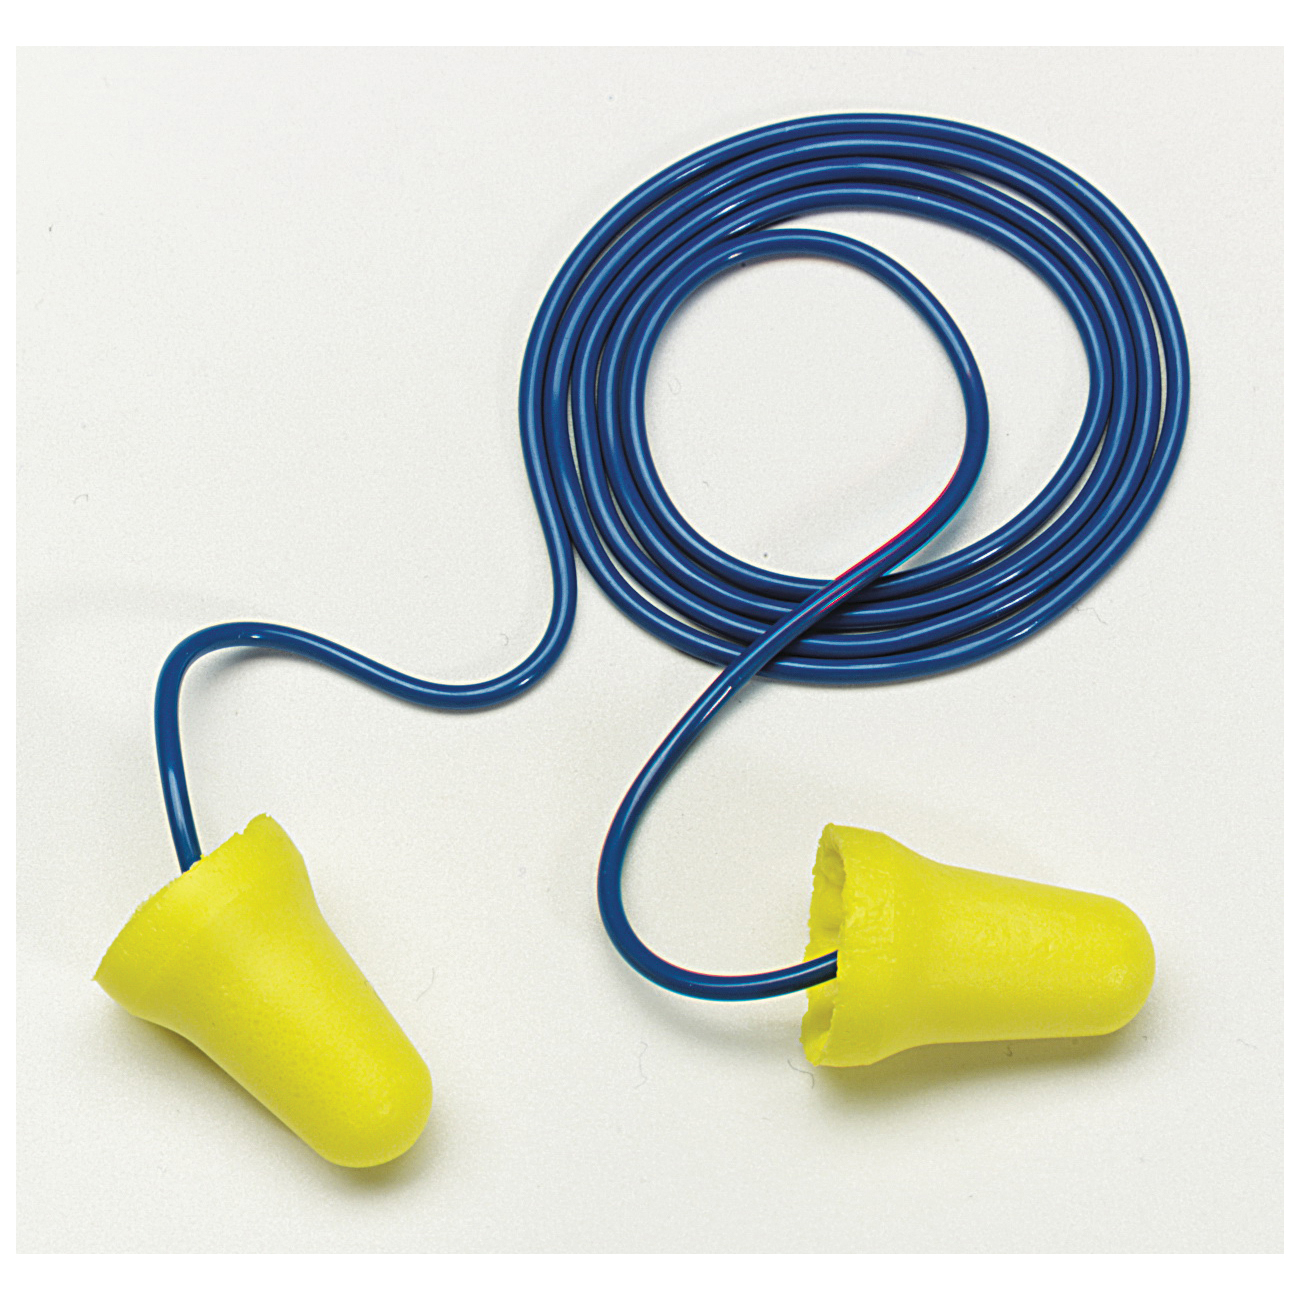 3M™ E-A-R™ E-Z-Fit™ 080529-12016 Earplugs, 28 dB Noise Reduction, Bell Shape, CSA Class AL, Disposable, Corded Design